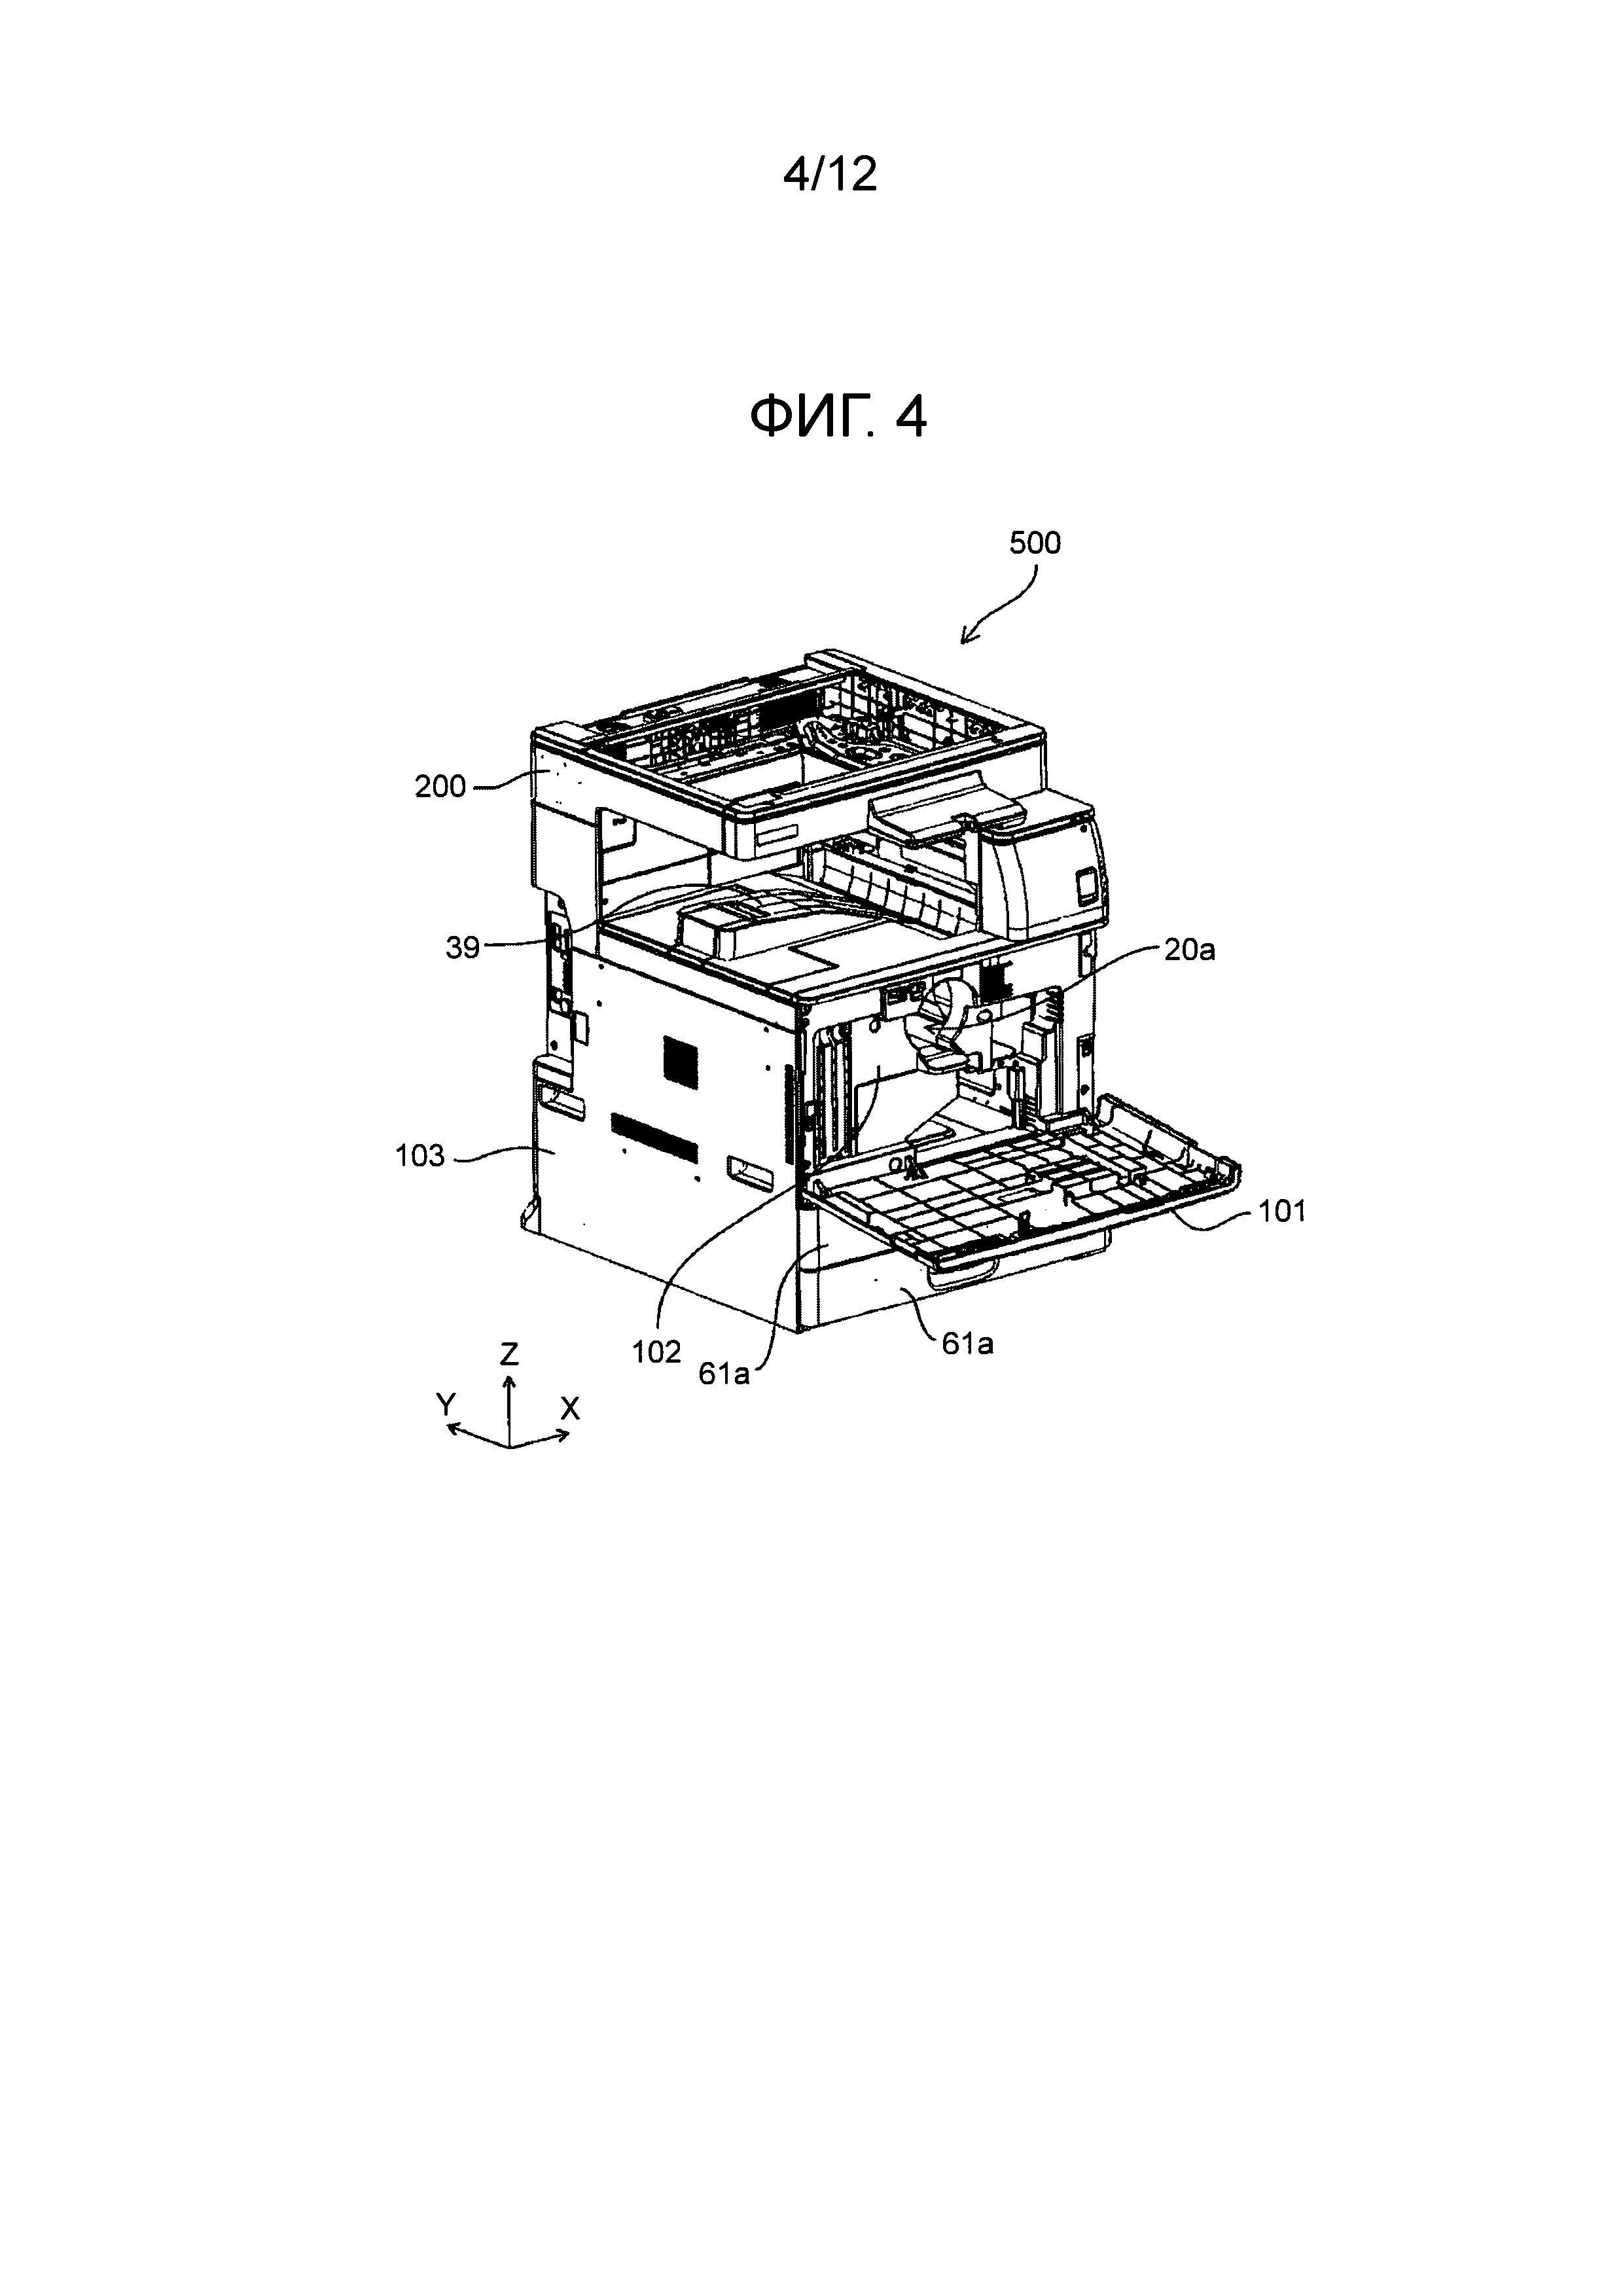 Звукопоглощающее устройство, электронное устройство и устройство формирования изображения